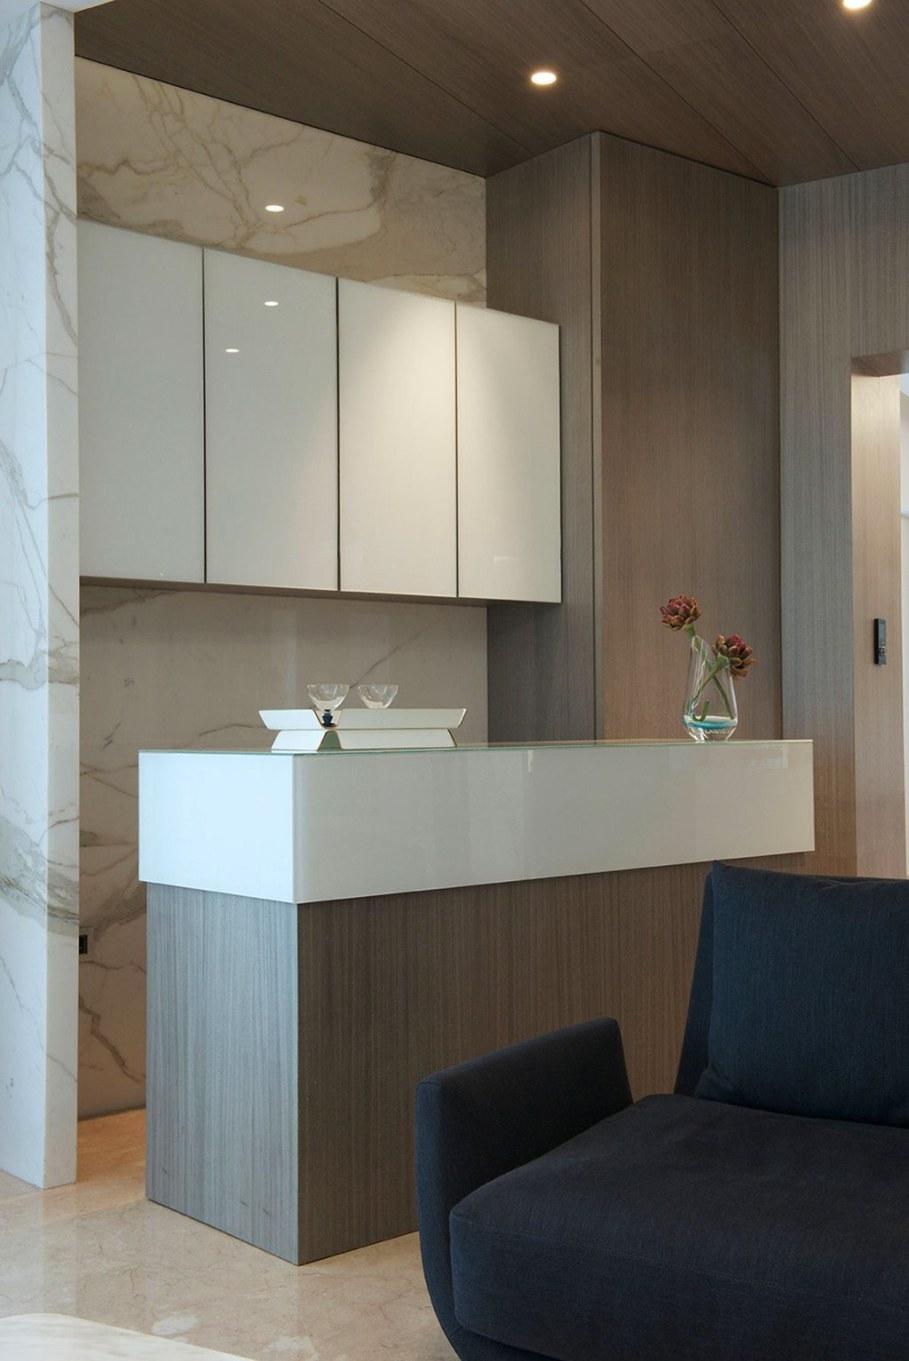 Apartments From ZZ Architects Studio, Mumbai 4